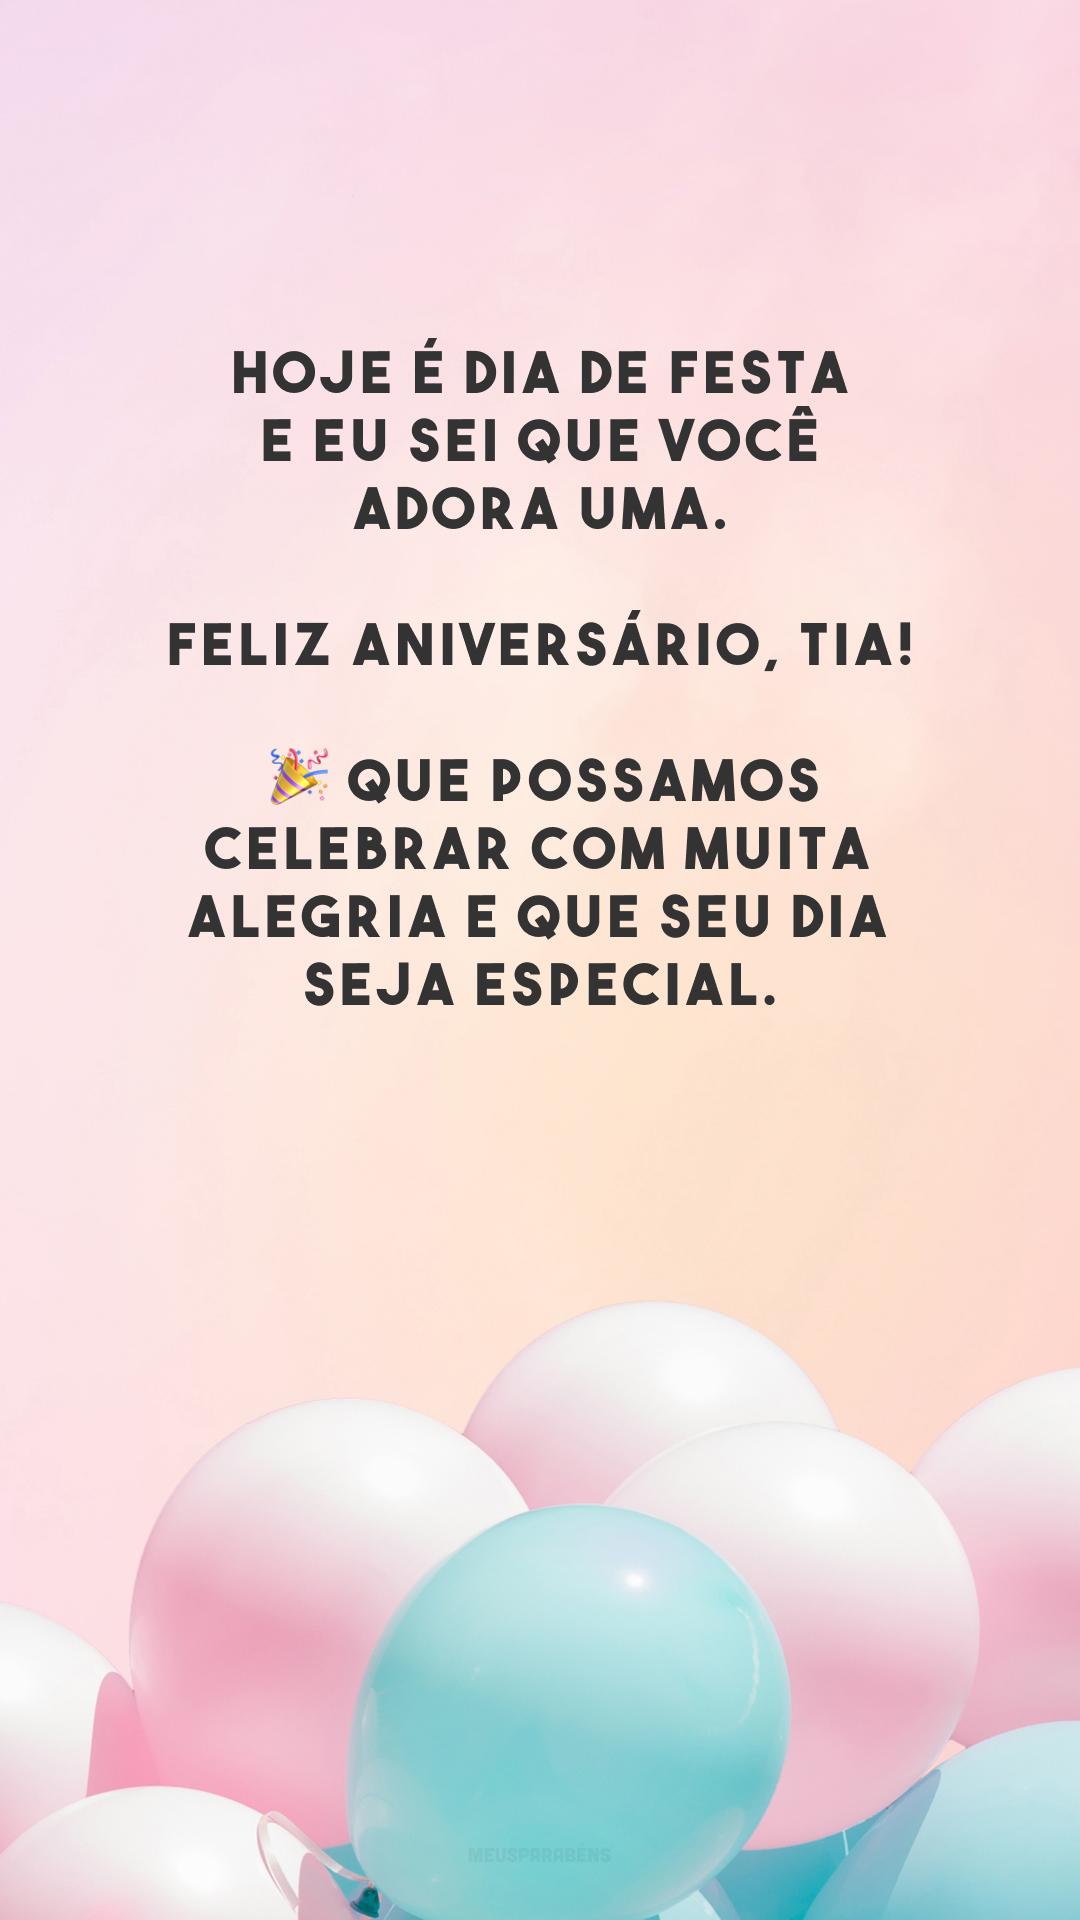 Hoje é dia de festa e eu sei que você adora uma. Feliz aniversário, tia! 🎉 Que possamos celebrar com muita alegria e que seu dia seja especial.